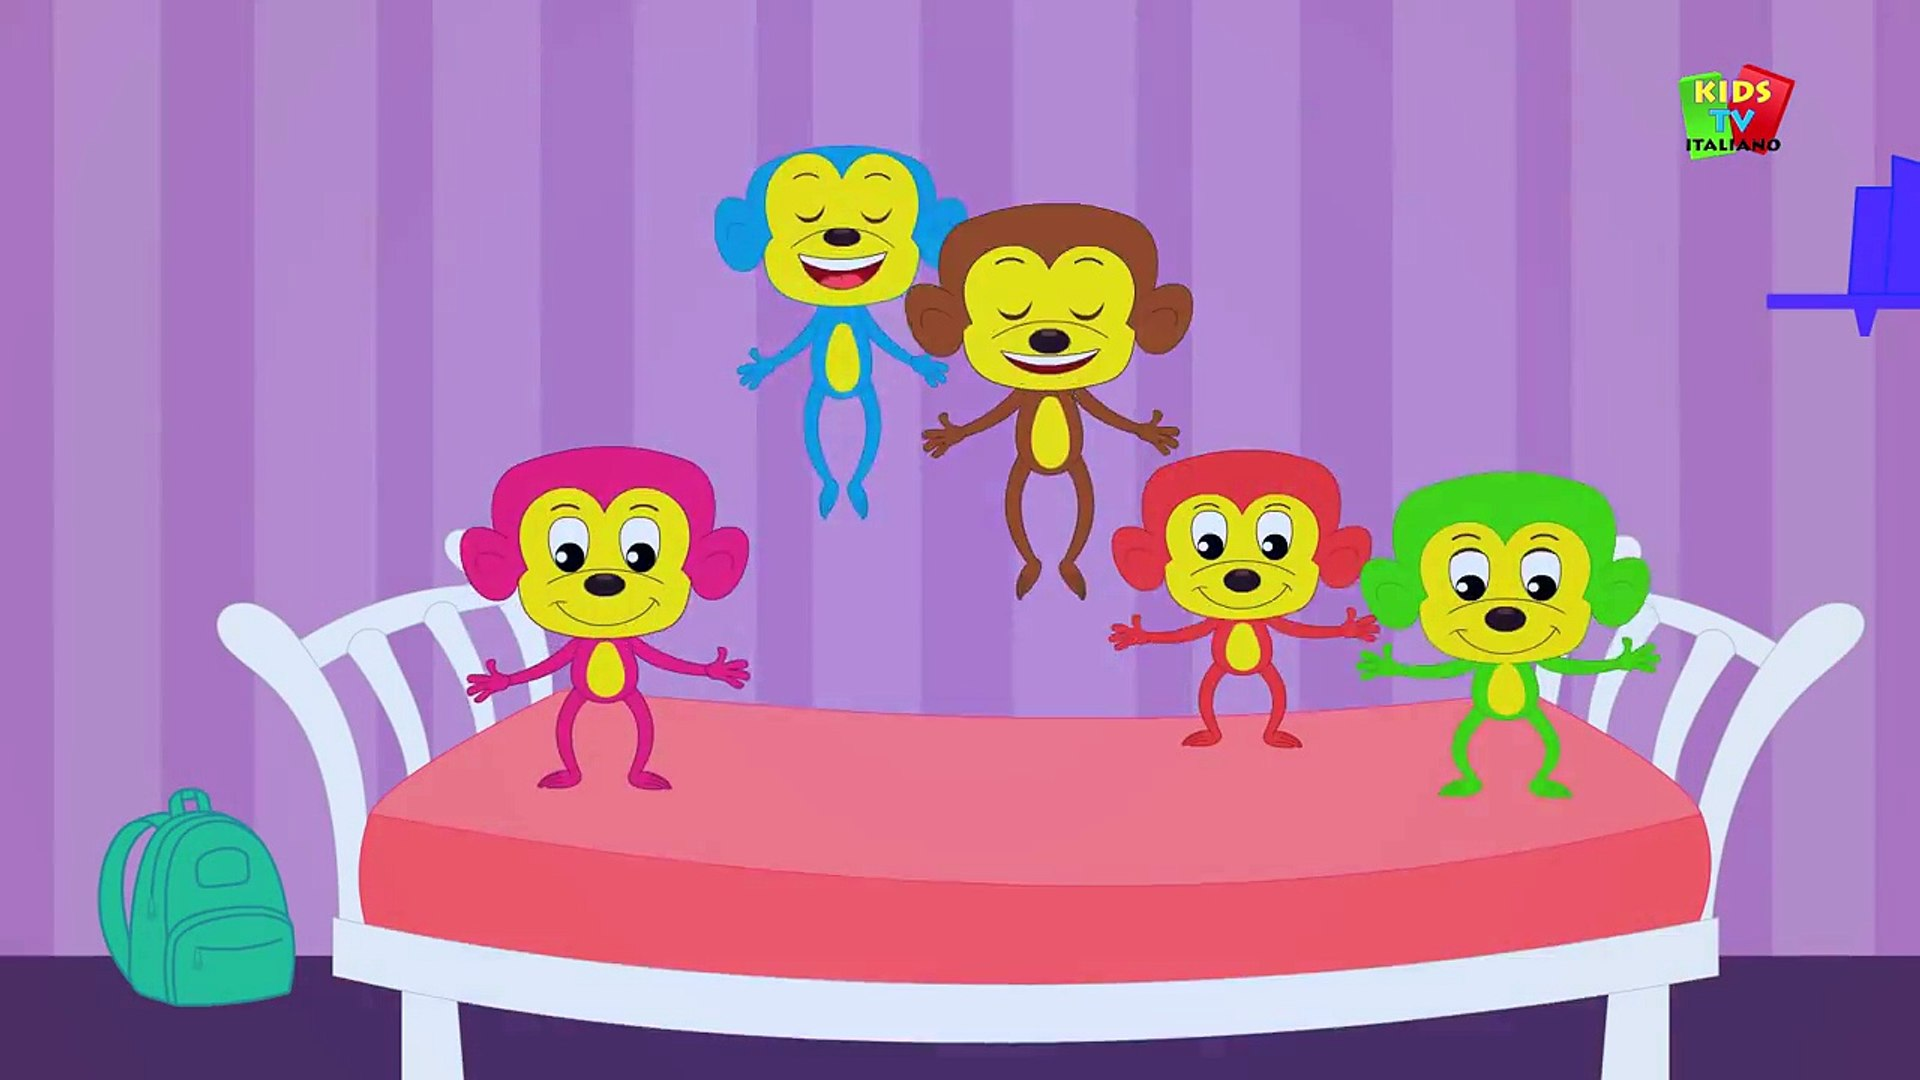 Cinque Scimmiette Saltavano Sul Letto.Cinque Scimmiette Five Little Monkeys Video Dailymotion